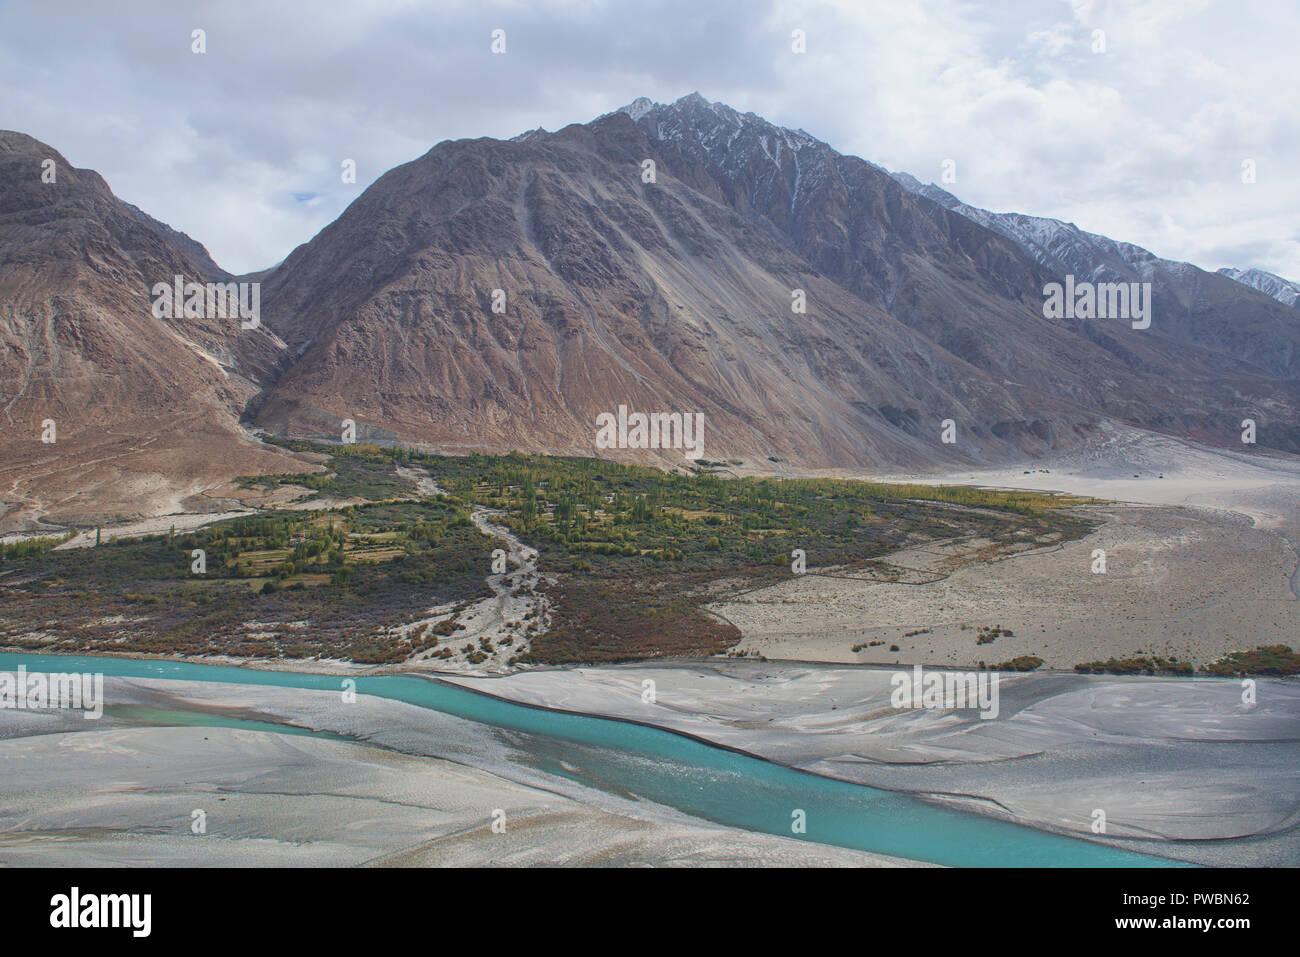 The beautiful Shyok River and Karakoram Range, Nubra Valley, Ladakh, India - Stock Image